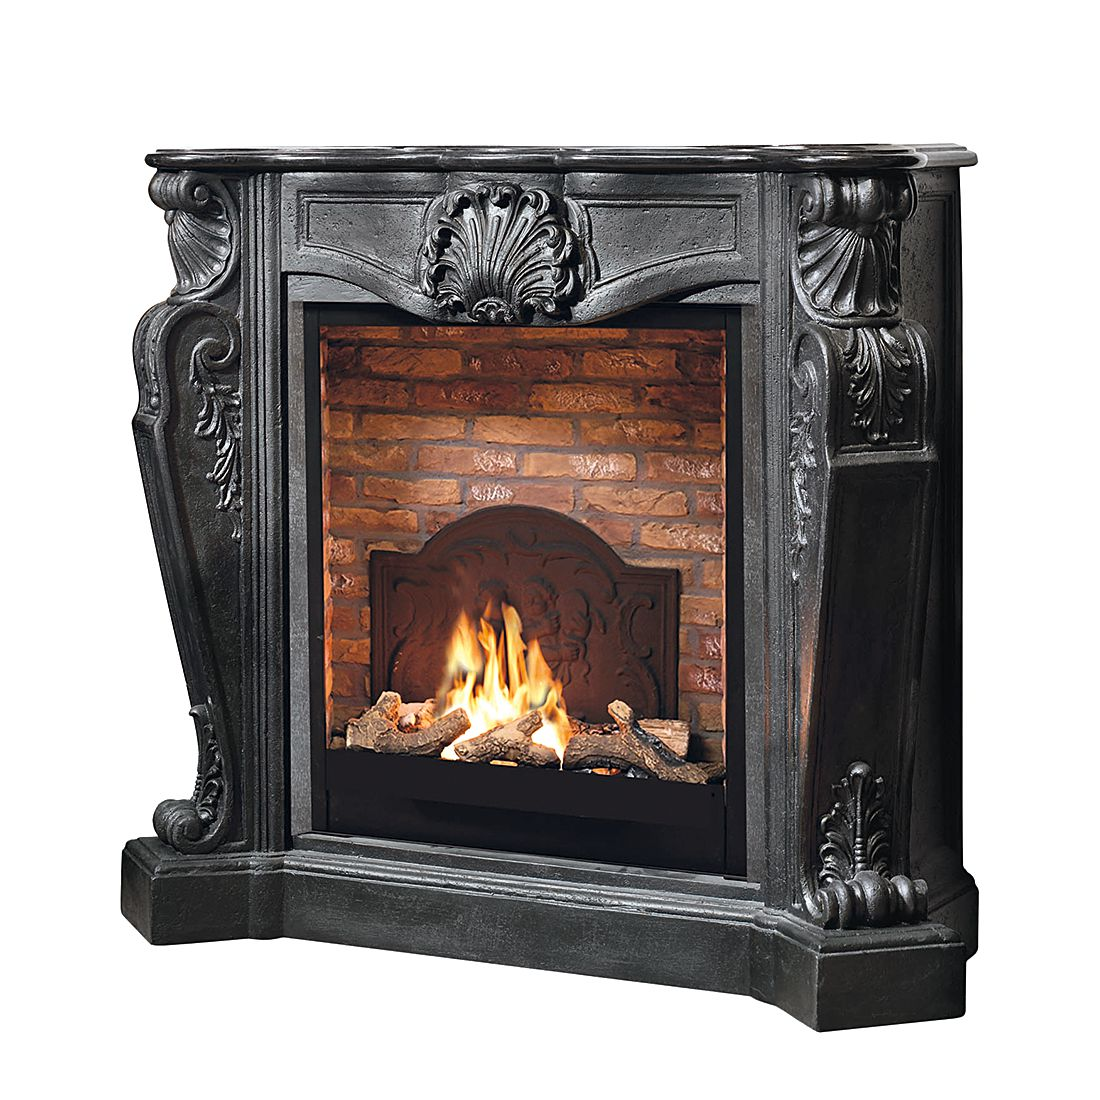 Home 24 - Cheminée à l éthanol louis - grand foyer avec motif en pierre et médaillon, ruby fires